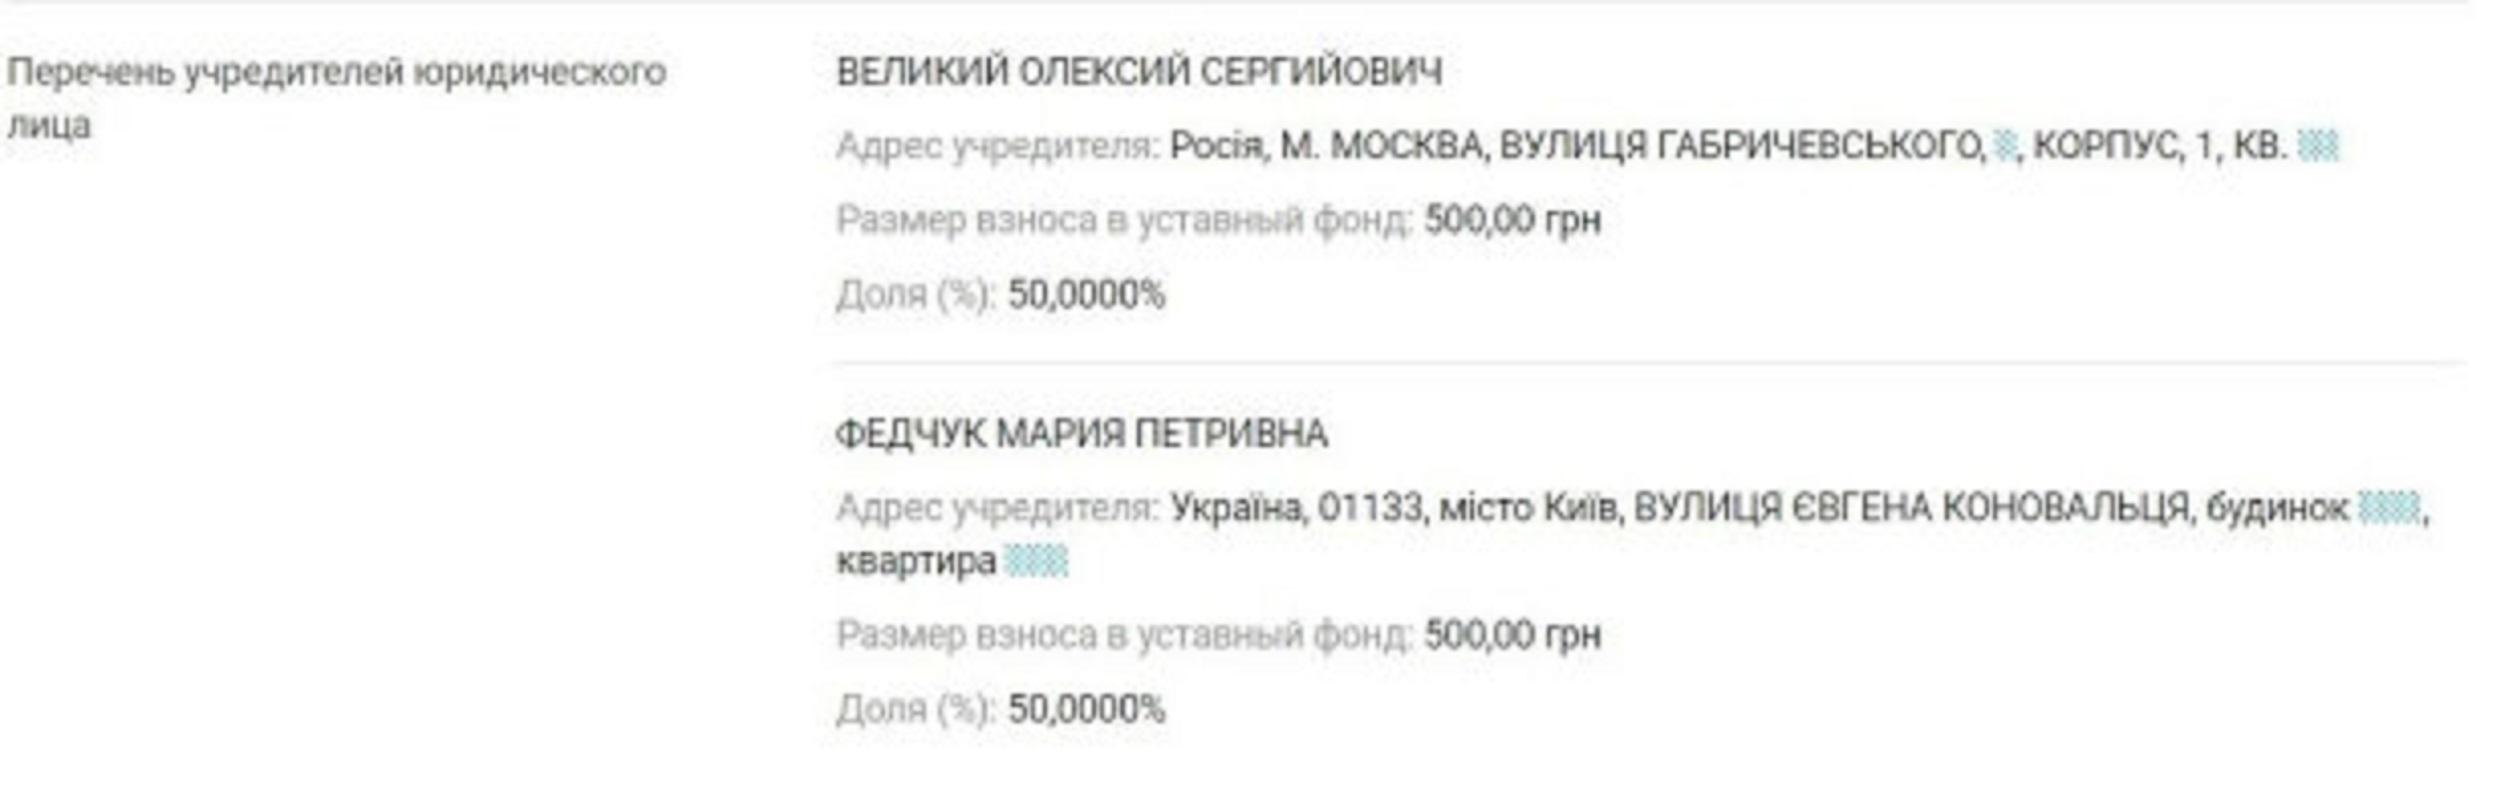 Косметолог Мария Федчук оказалась причастна к контрабанде косметики из РФ - фото 1